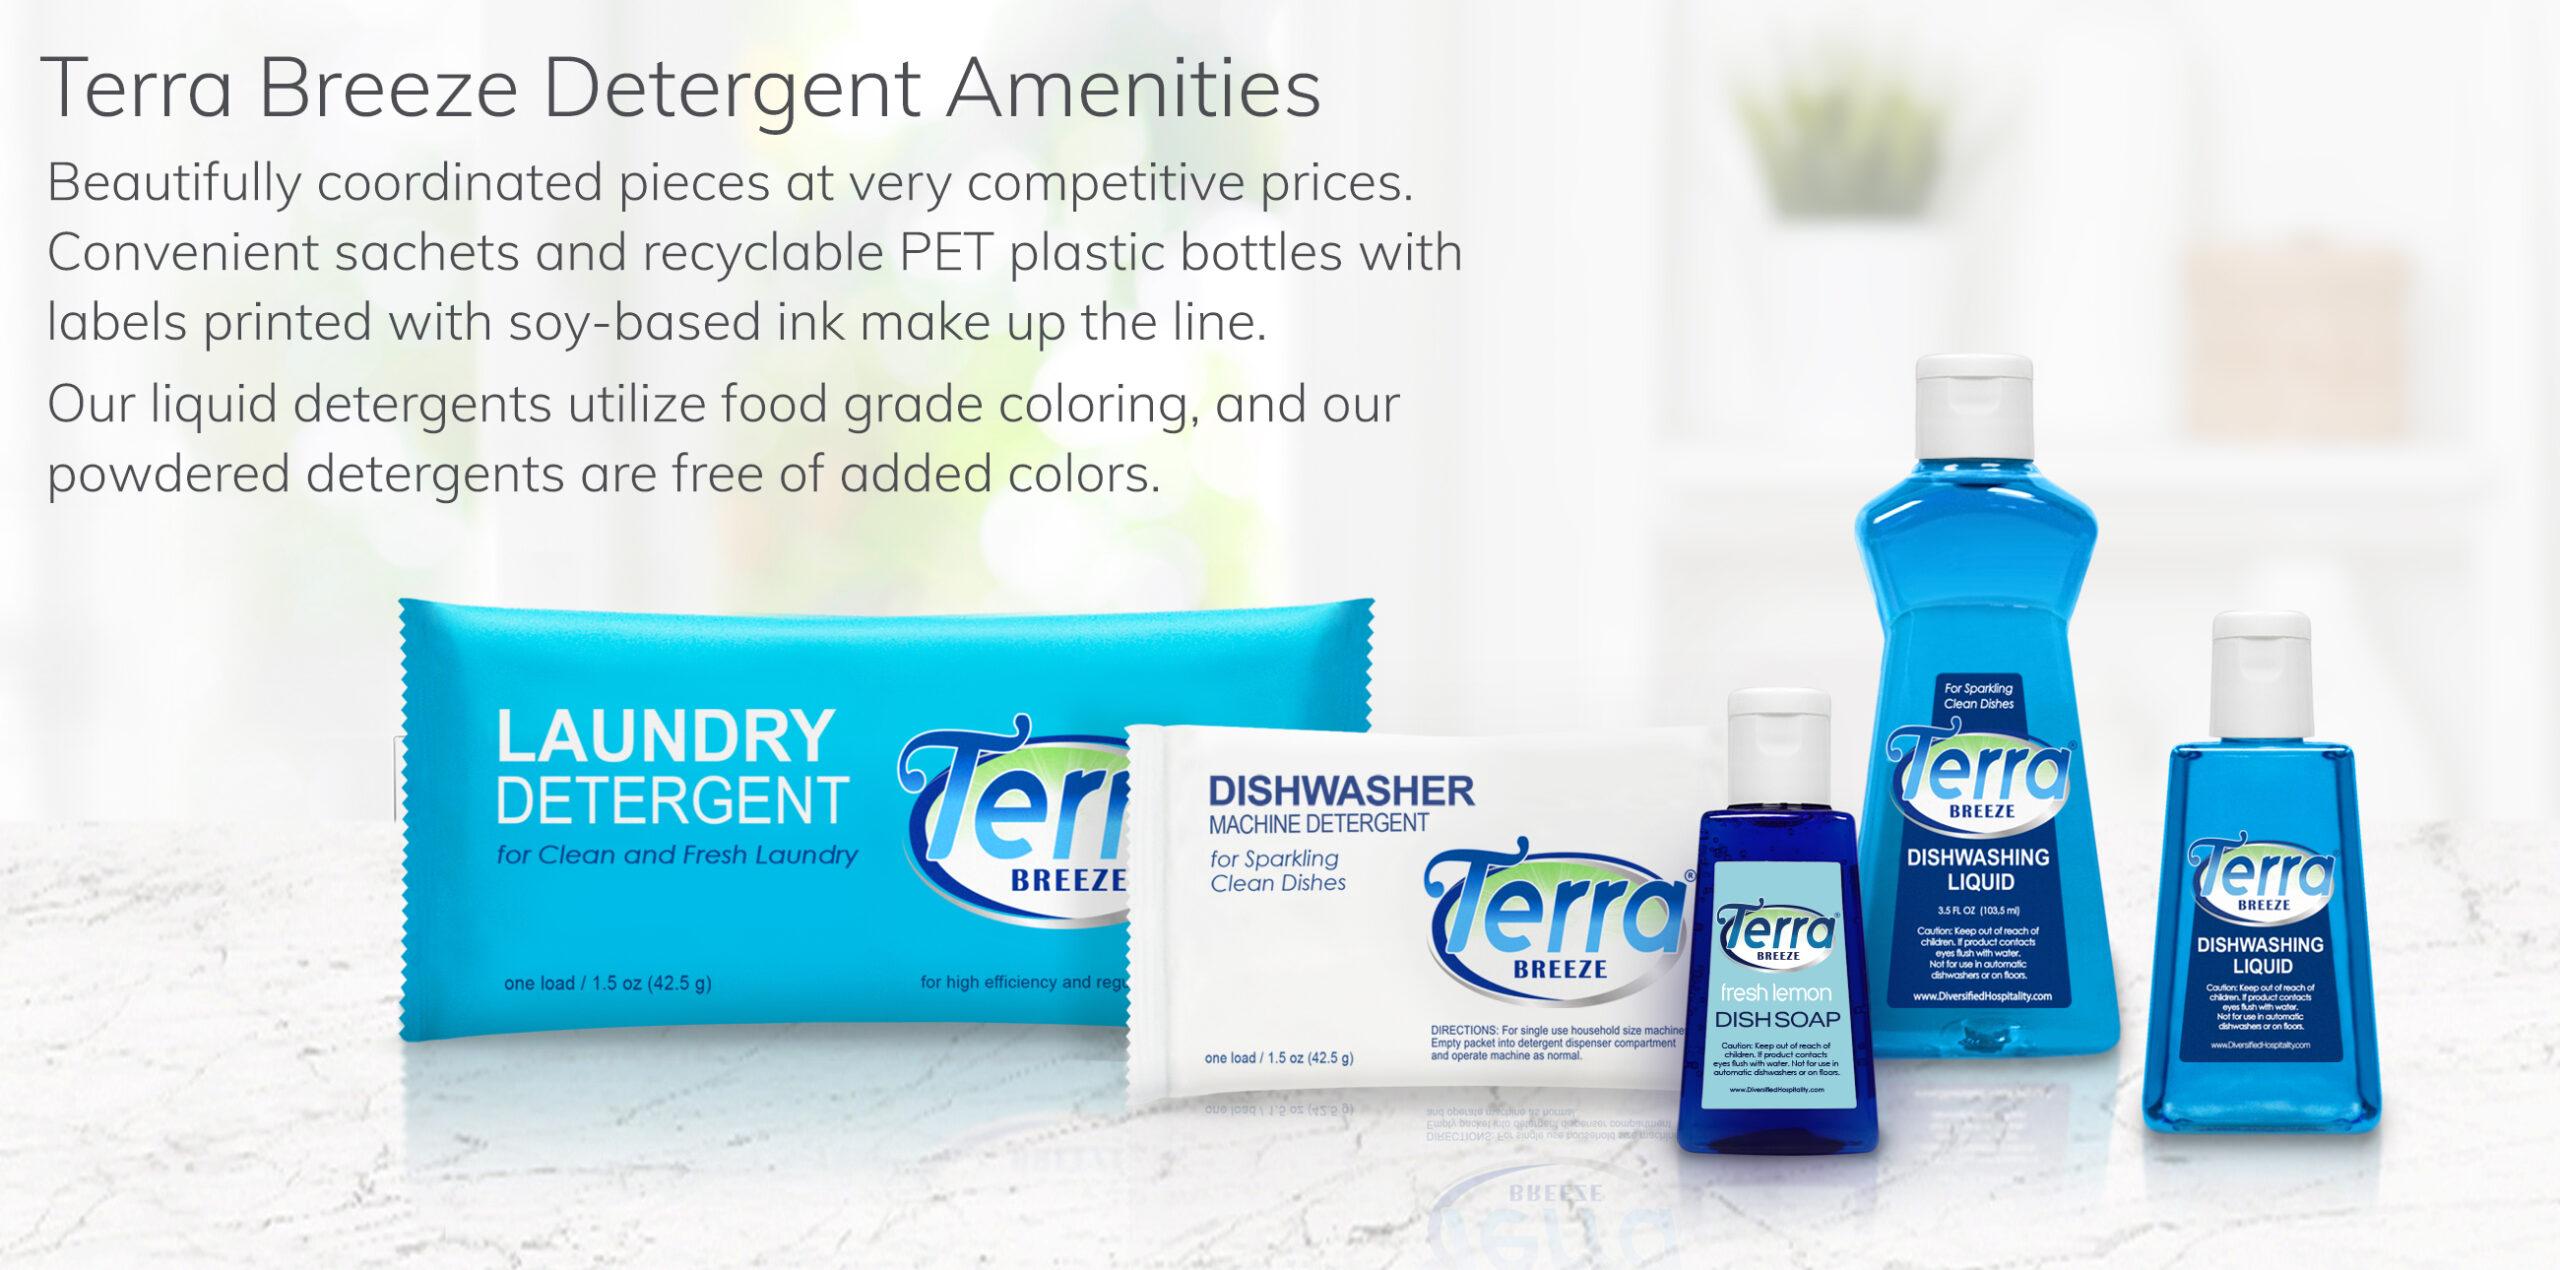 Terra Breeze Detergent Ameneties